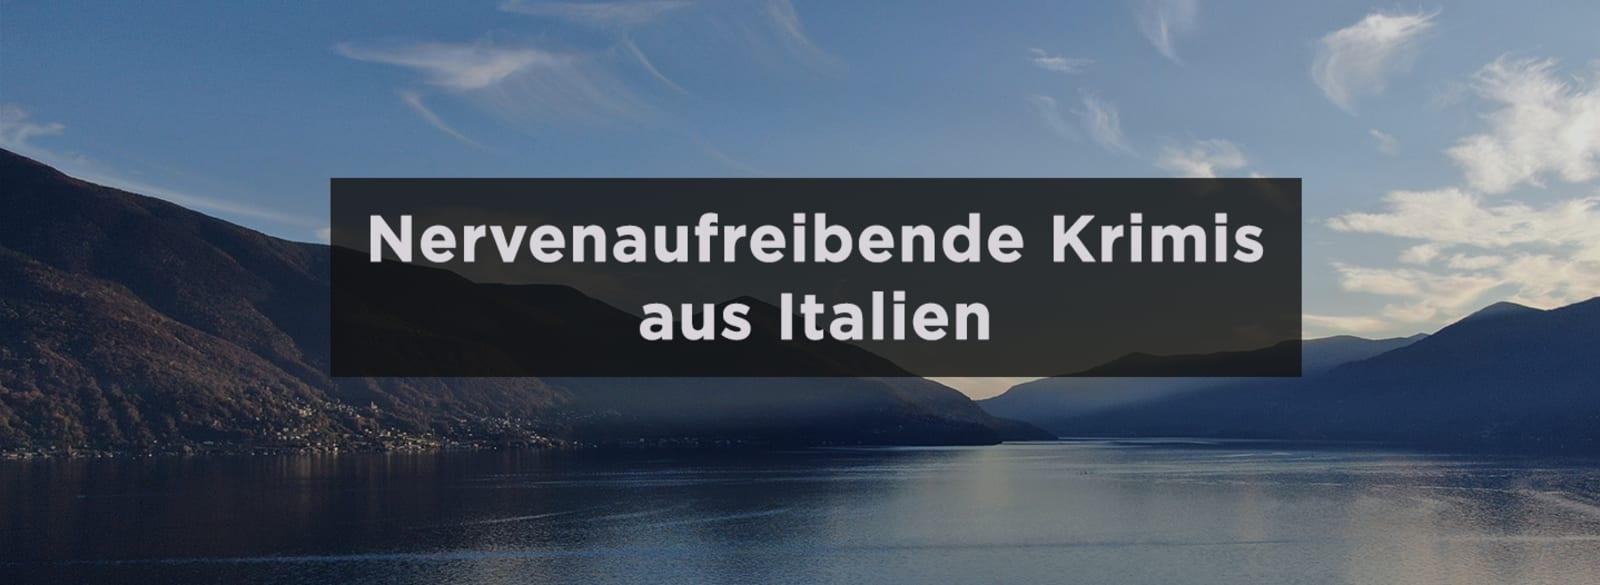 Italien Banner Urlaubskrimis